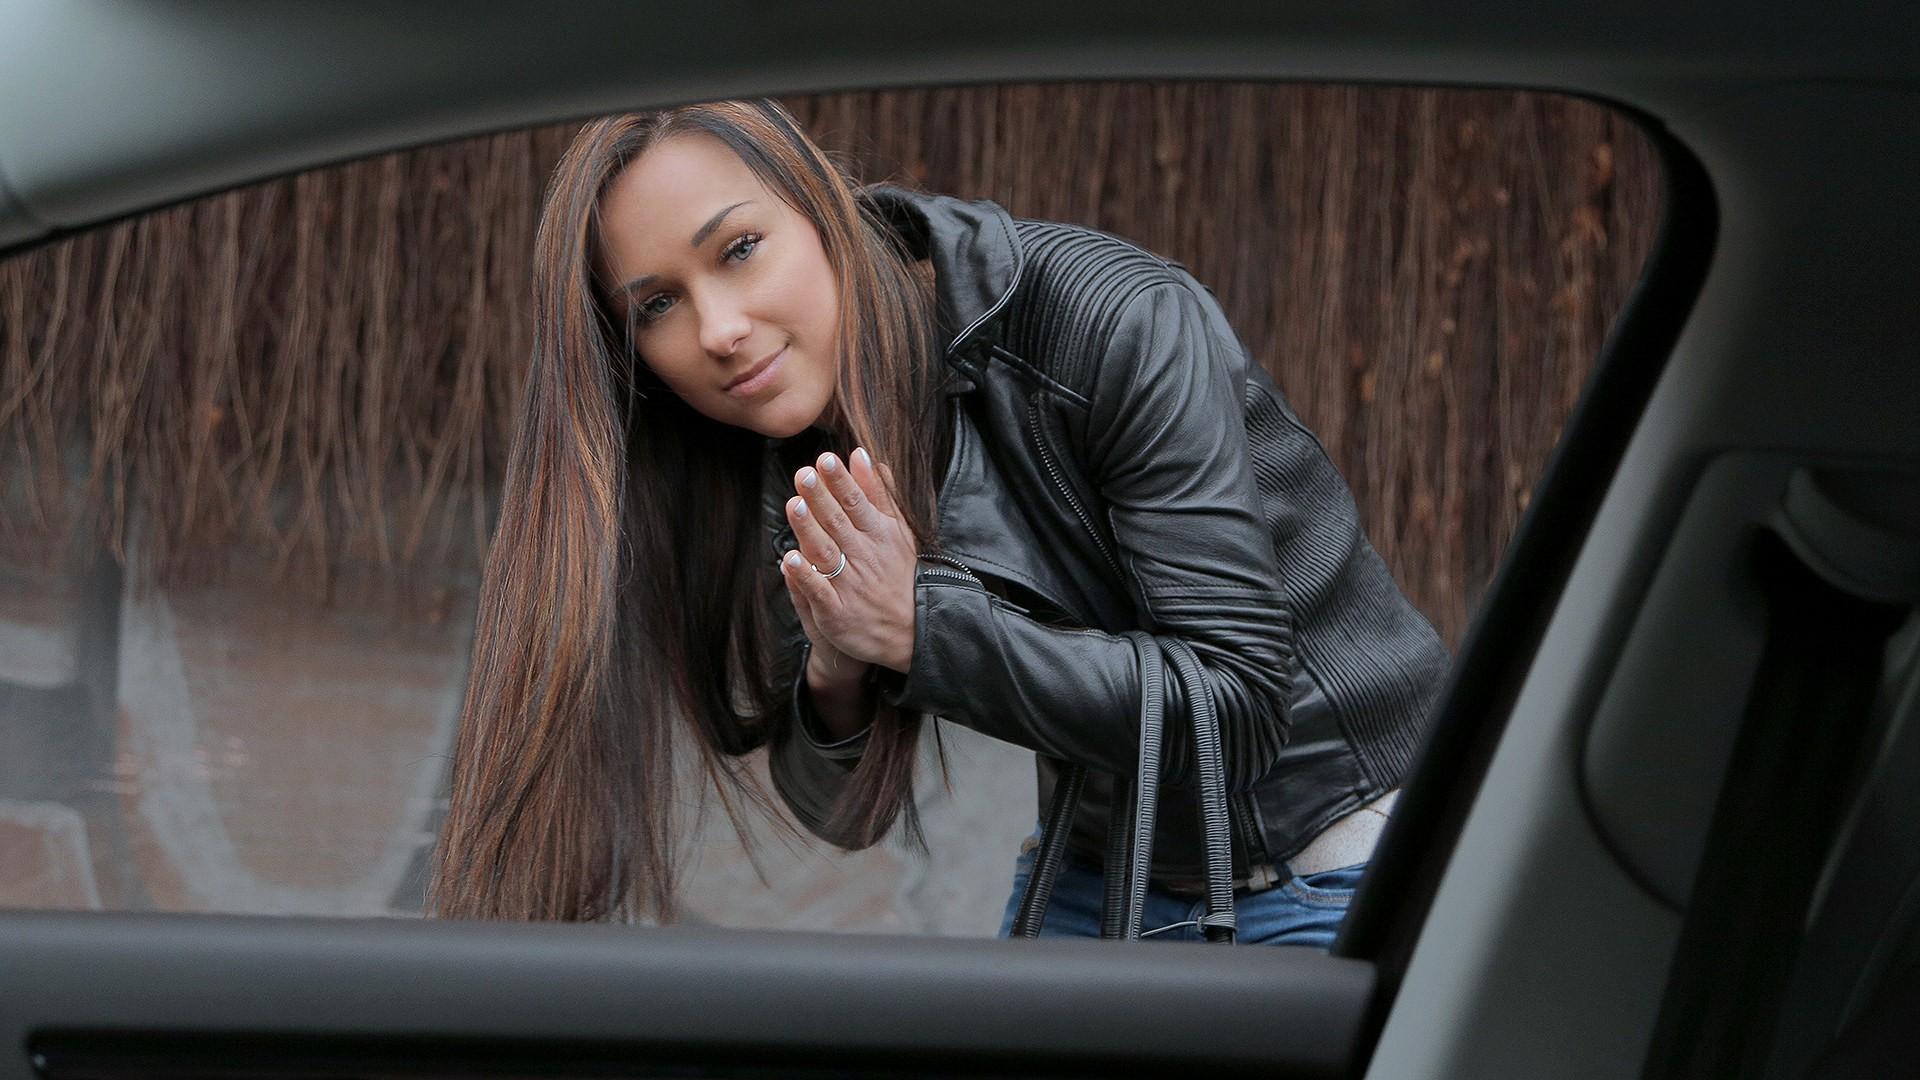 Brunette Gets in a Stranger's Car - Stranded Teens